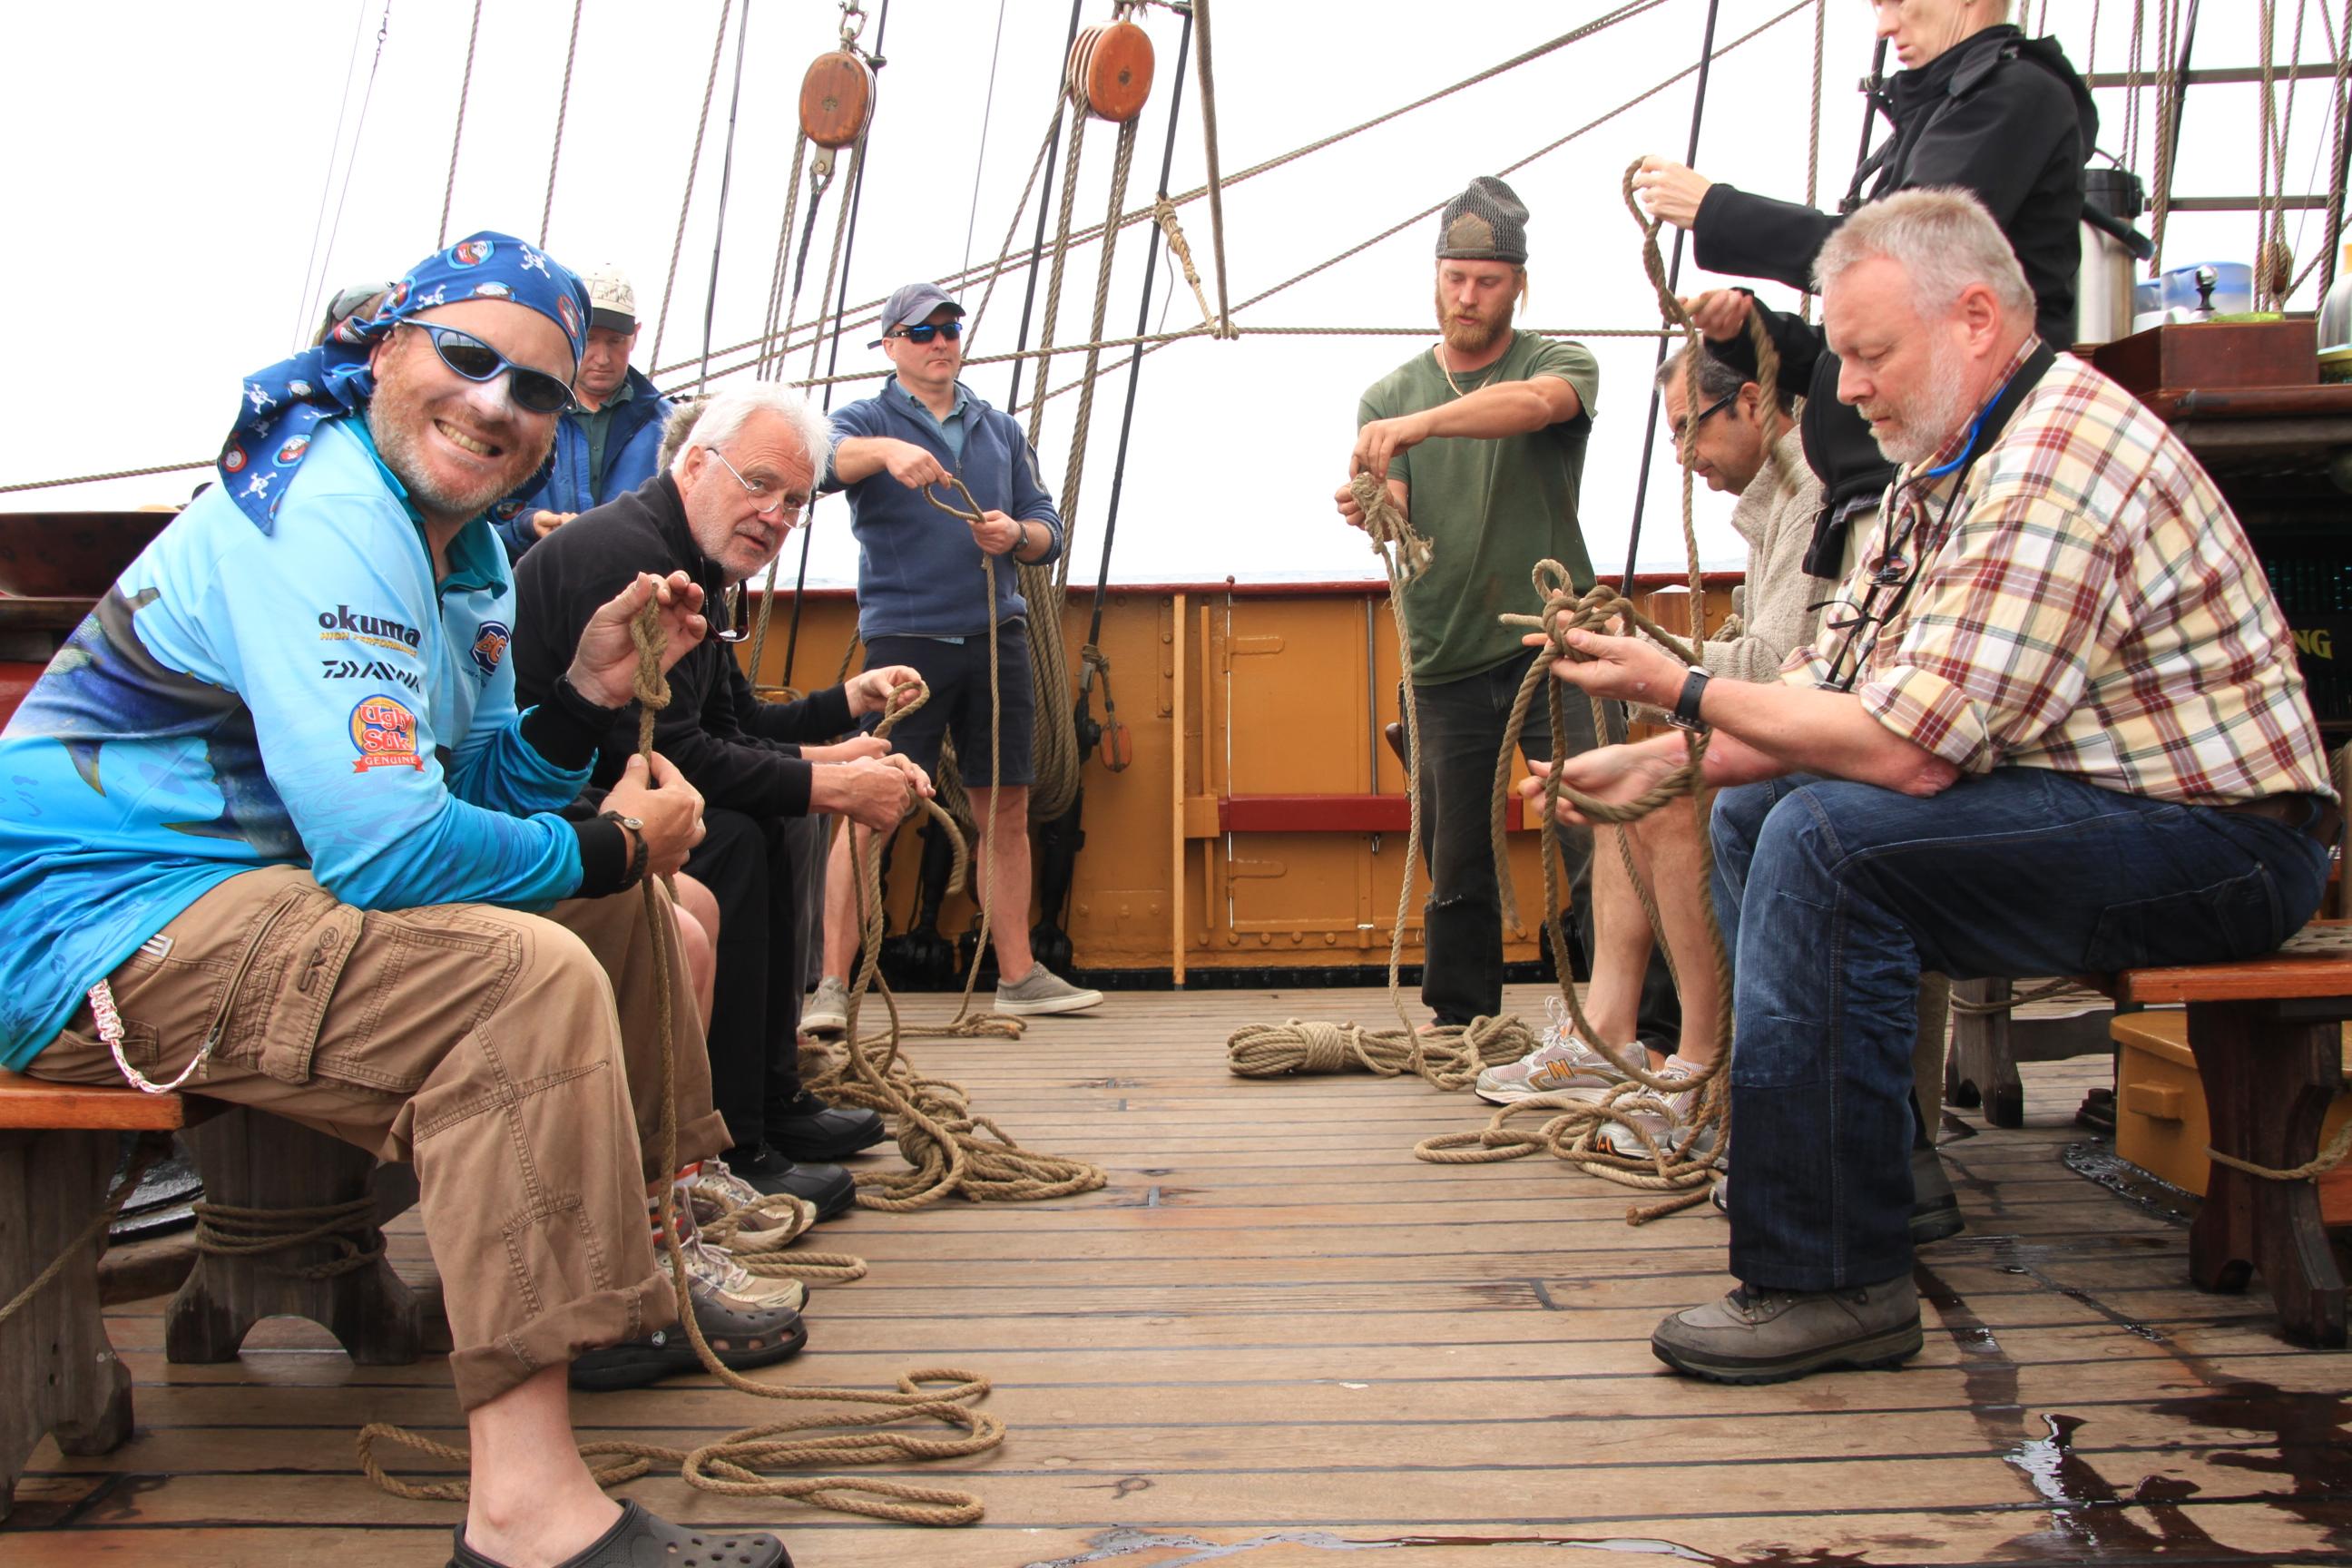 Footwear onboard the boat